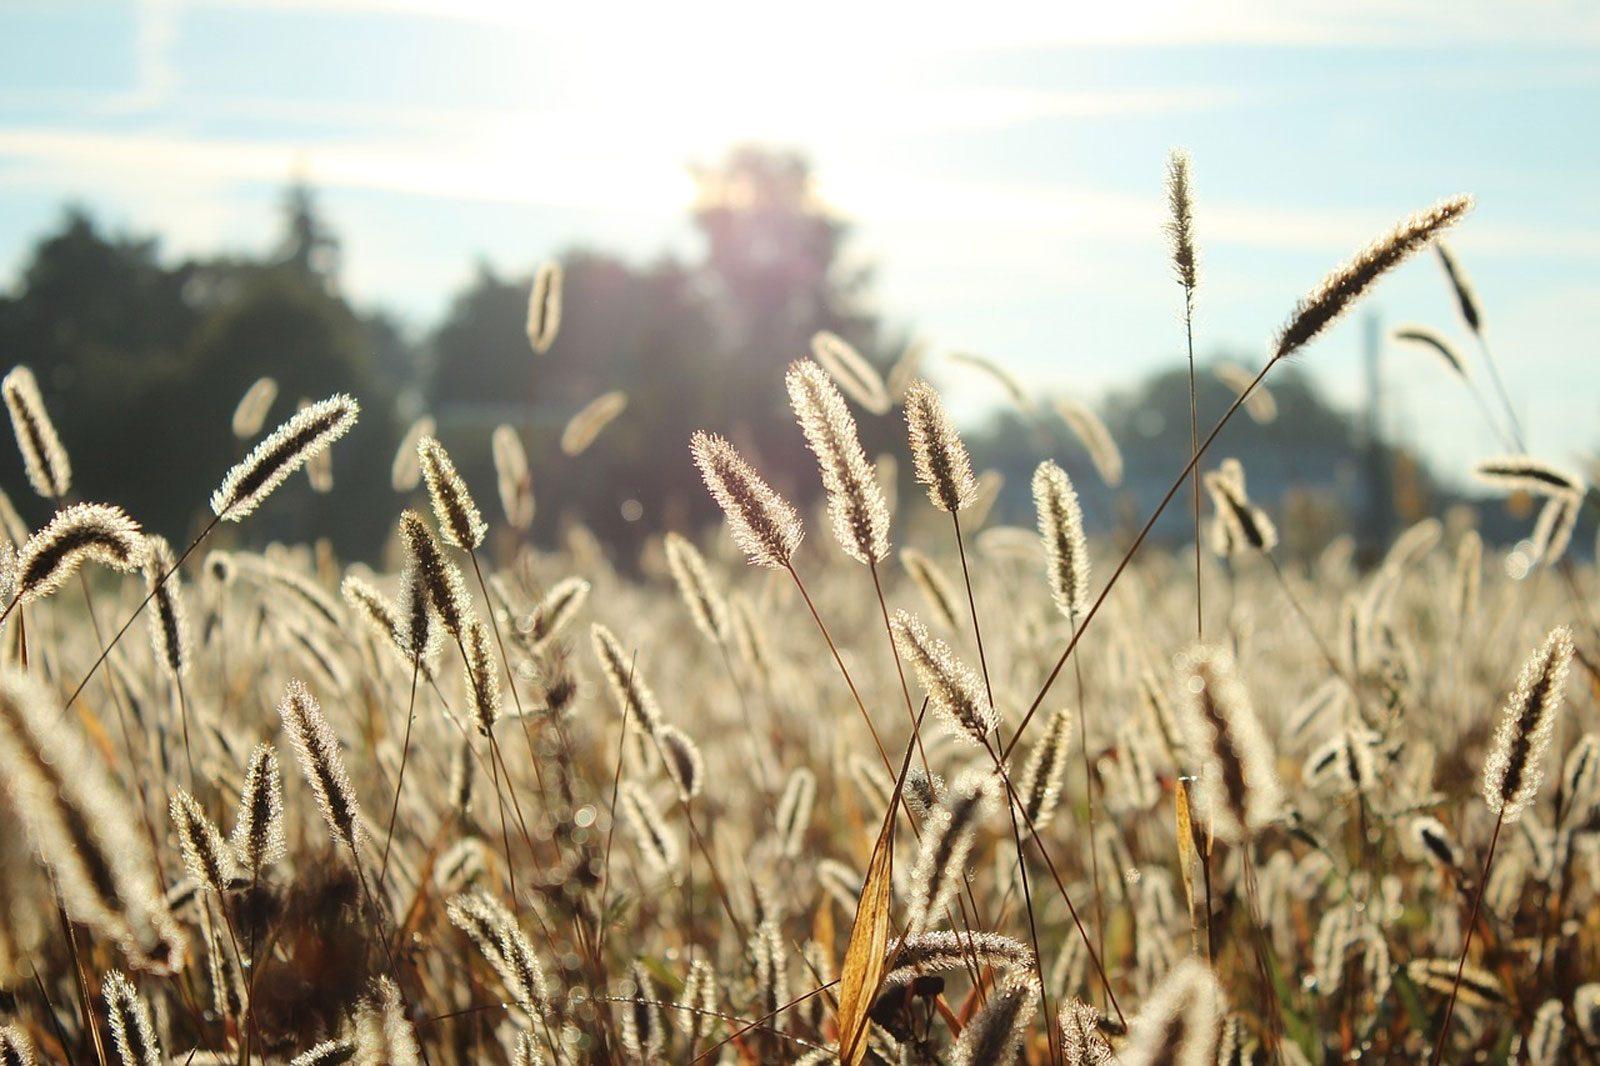 Allergies aux pollens : alerte maximale aux graminées en Lorraine